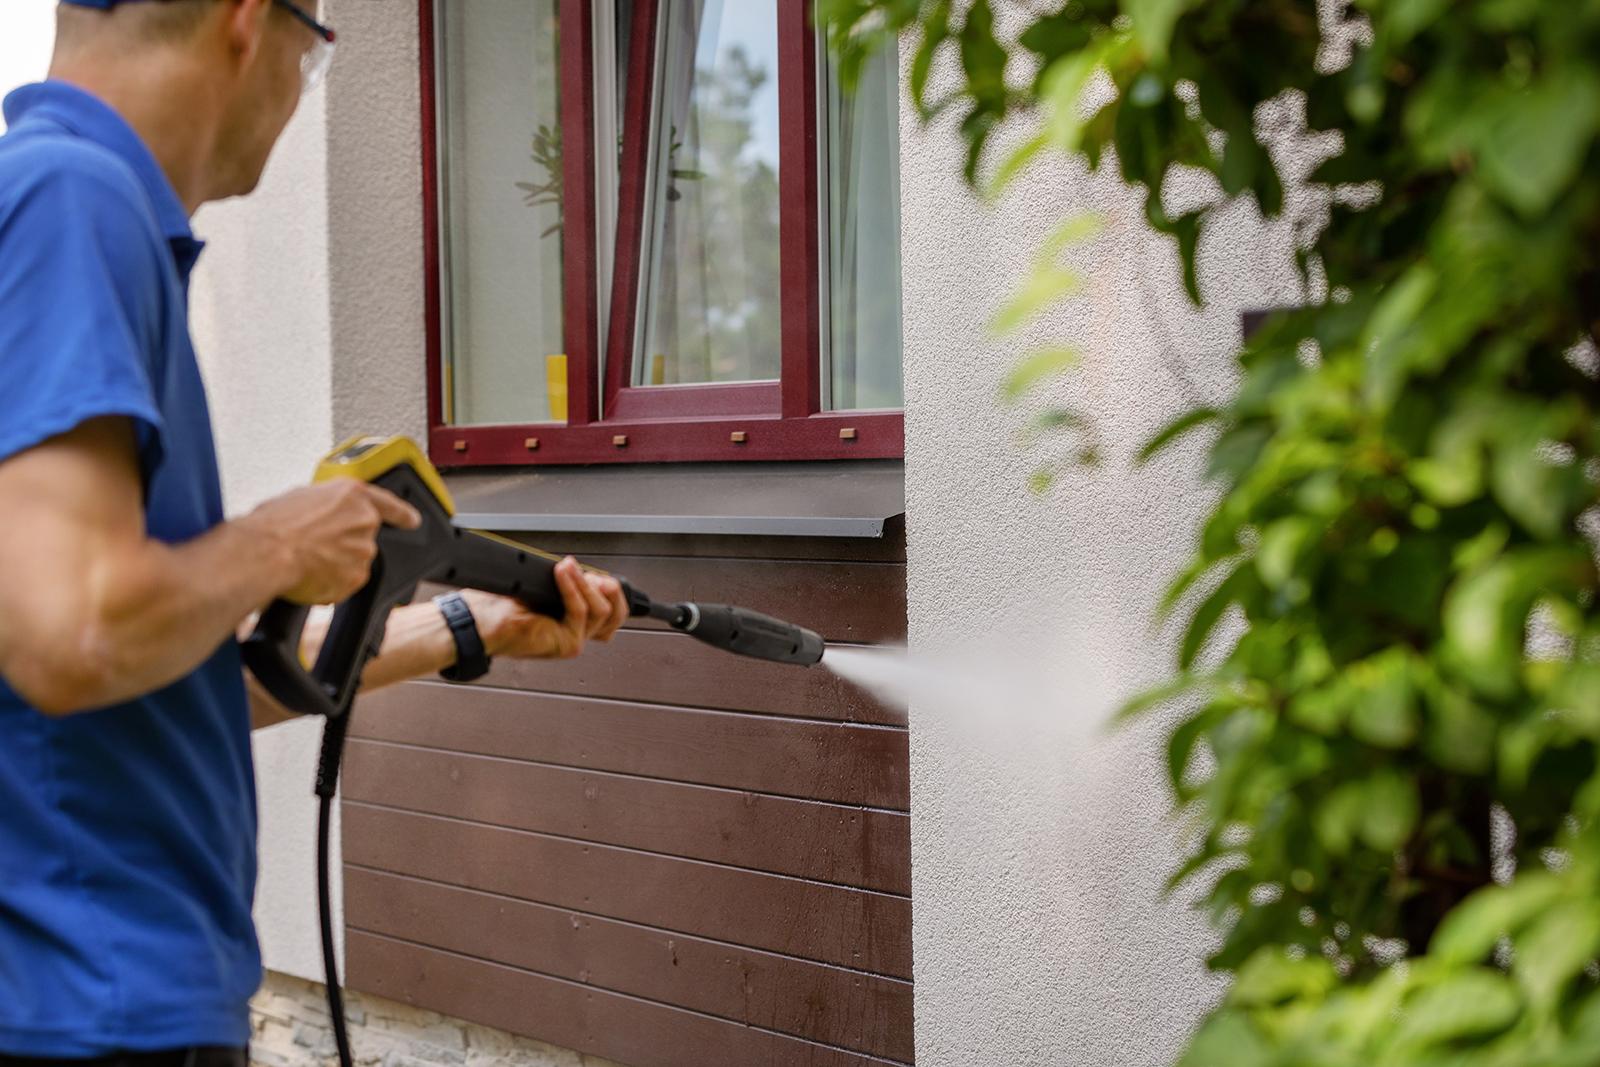 Comment fonctionne un nettoyeur haute pression?